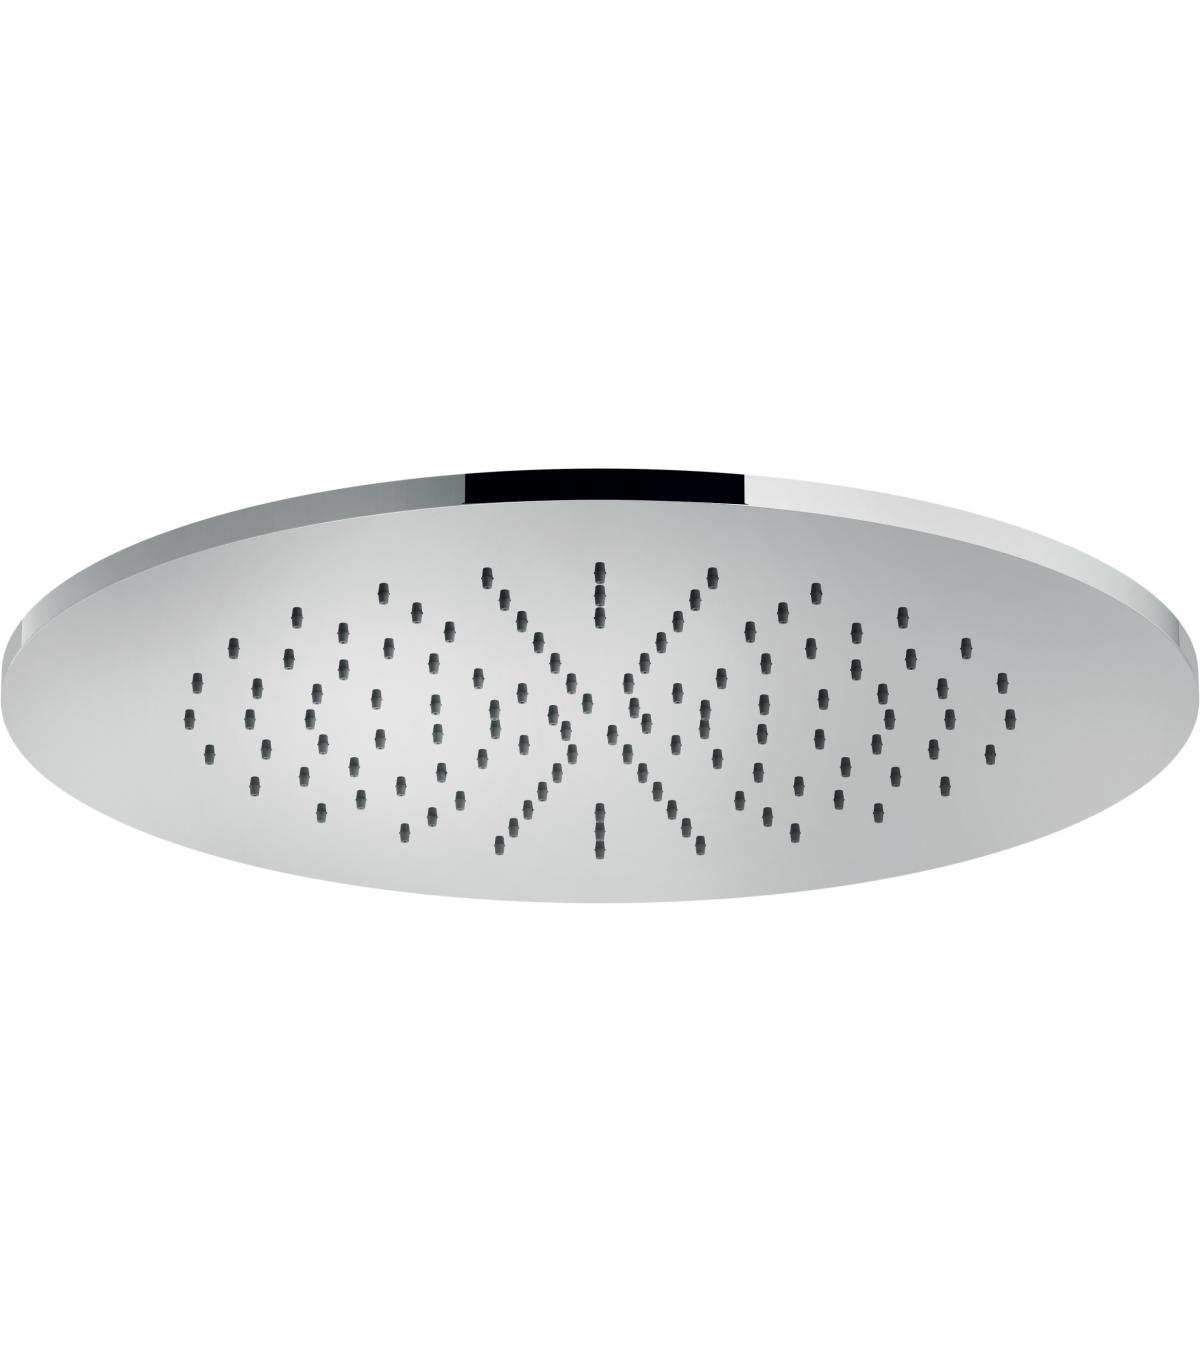 Ideal Standard Box Doccia.Porta A Soffietto Per Box Doccia Ideal Standard Serie Kubo